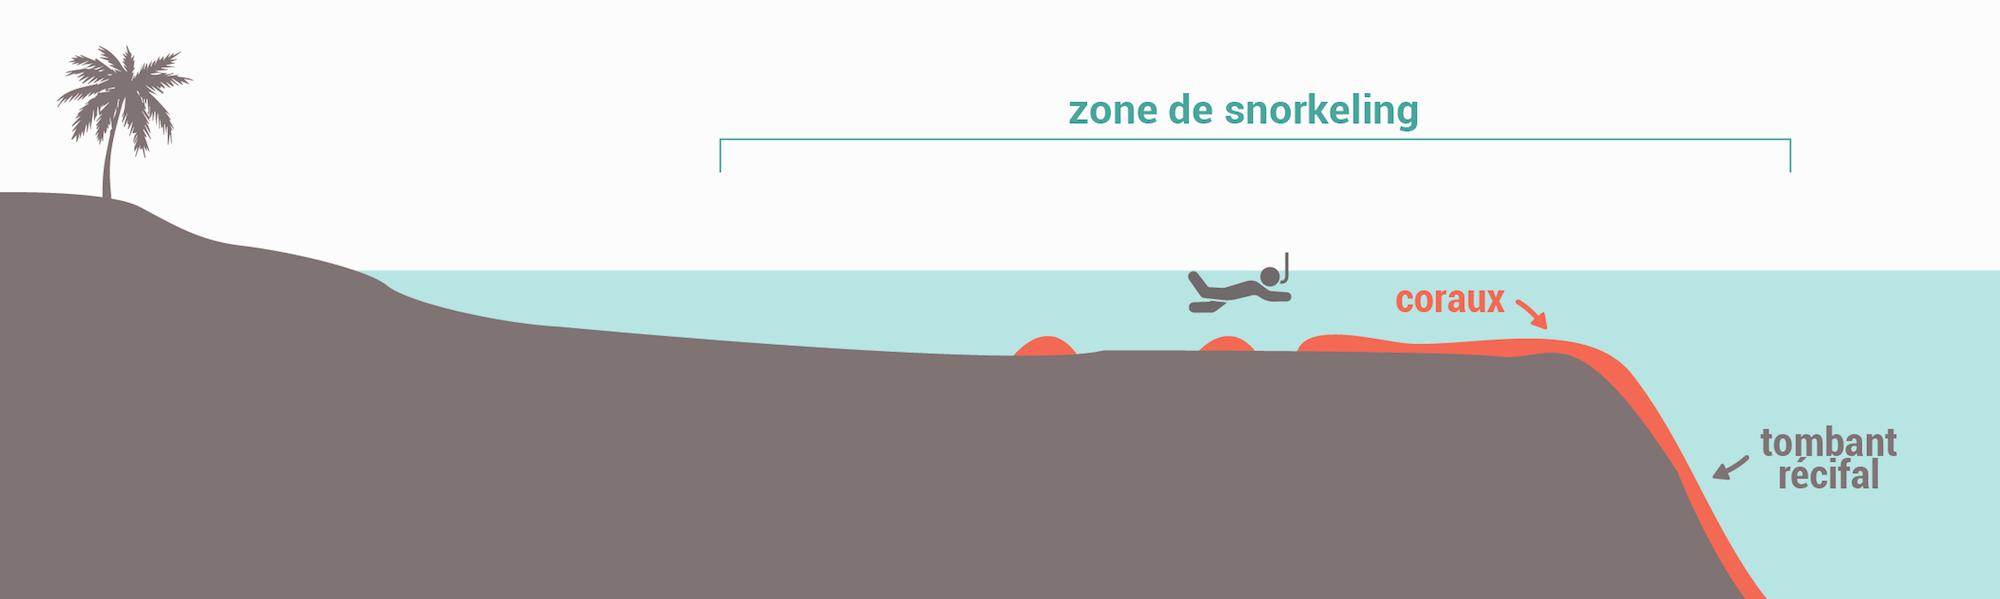 Les types de spots de snorkeling - Tombant récifal